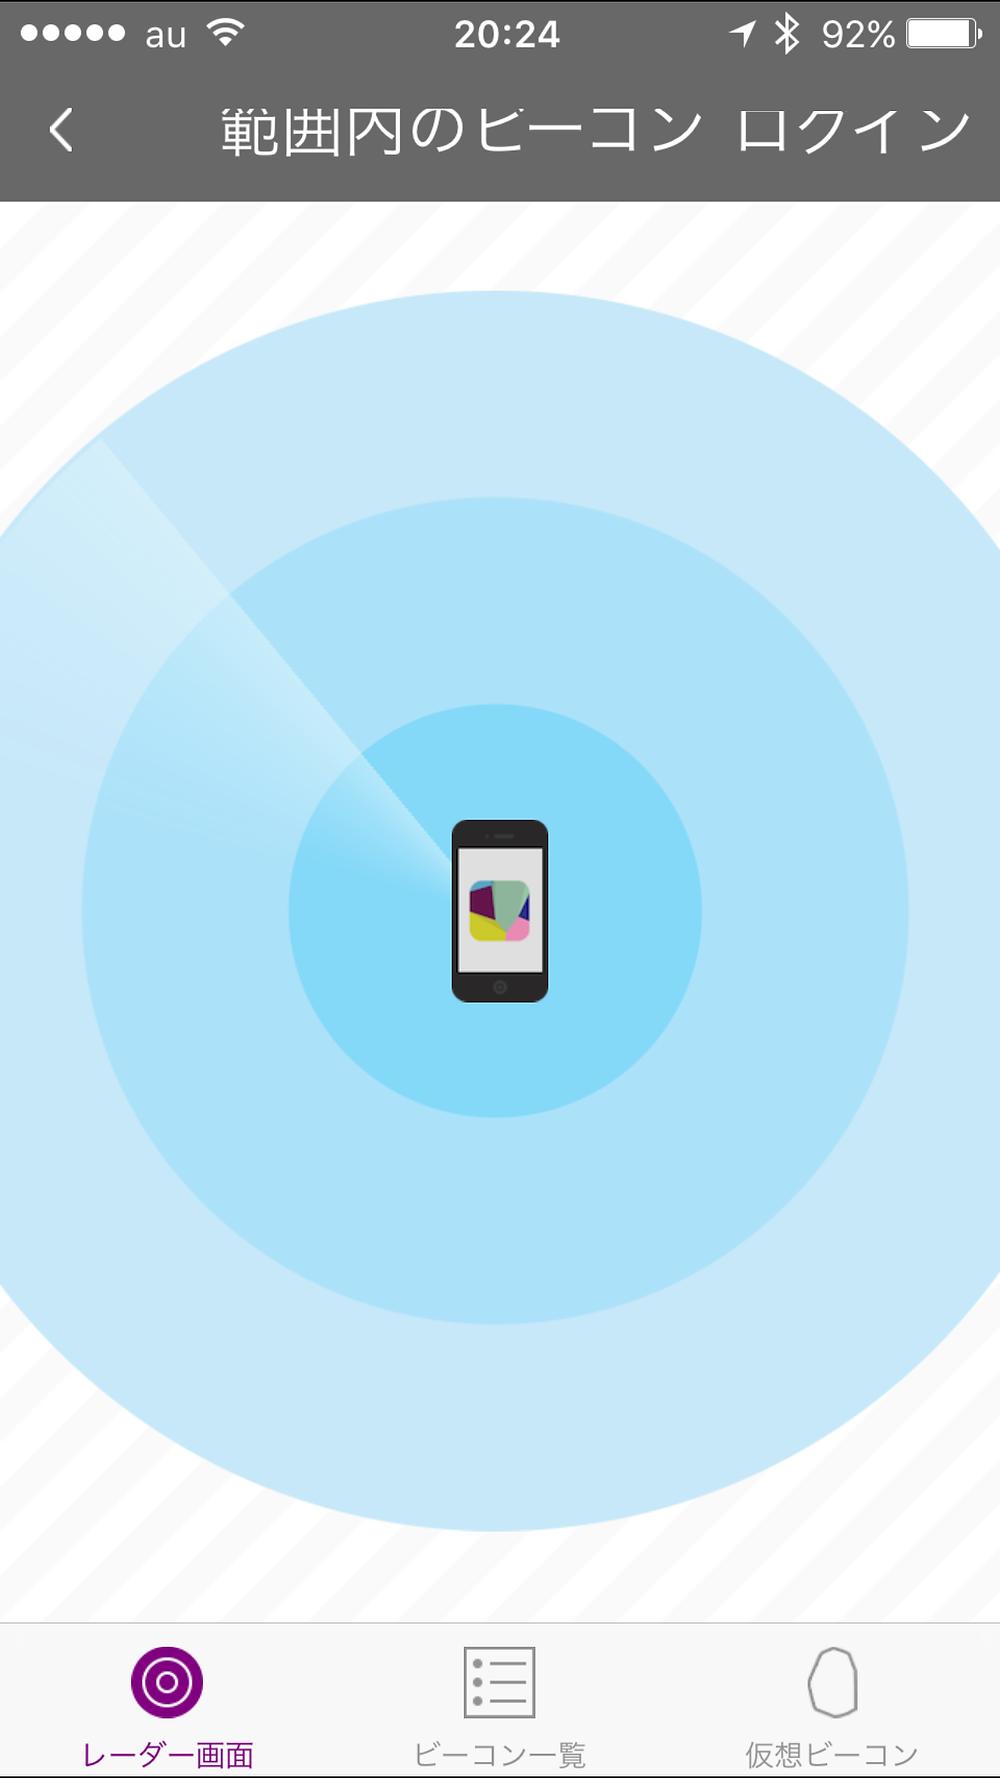 「仮想ビーコン」というボタンをタップ